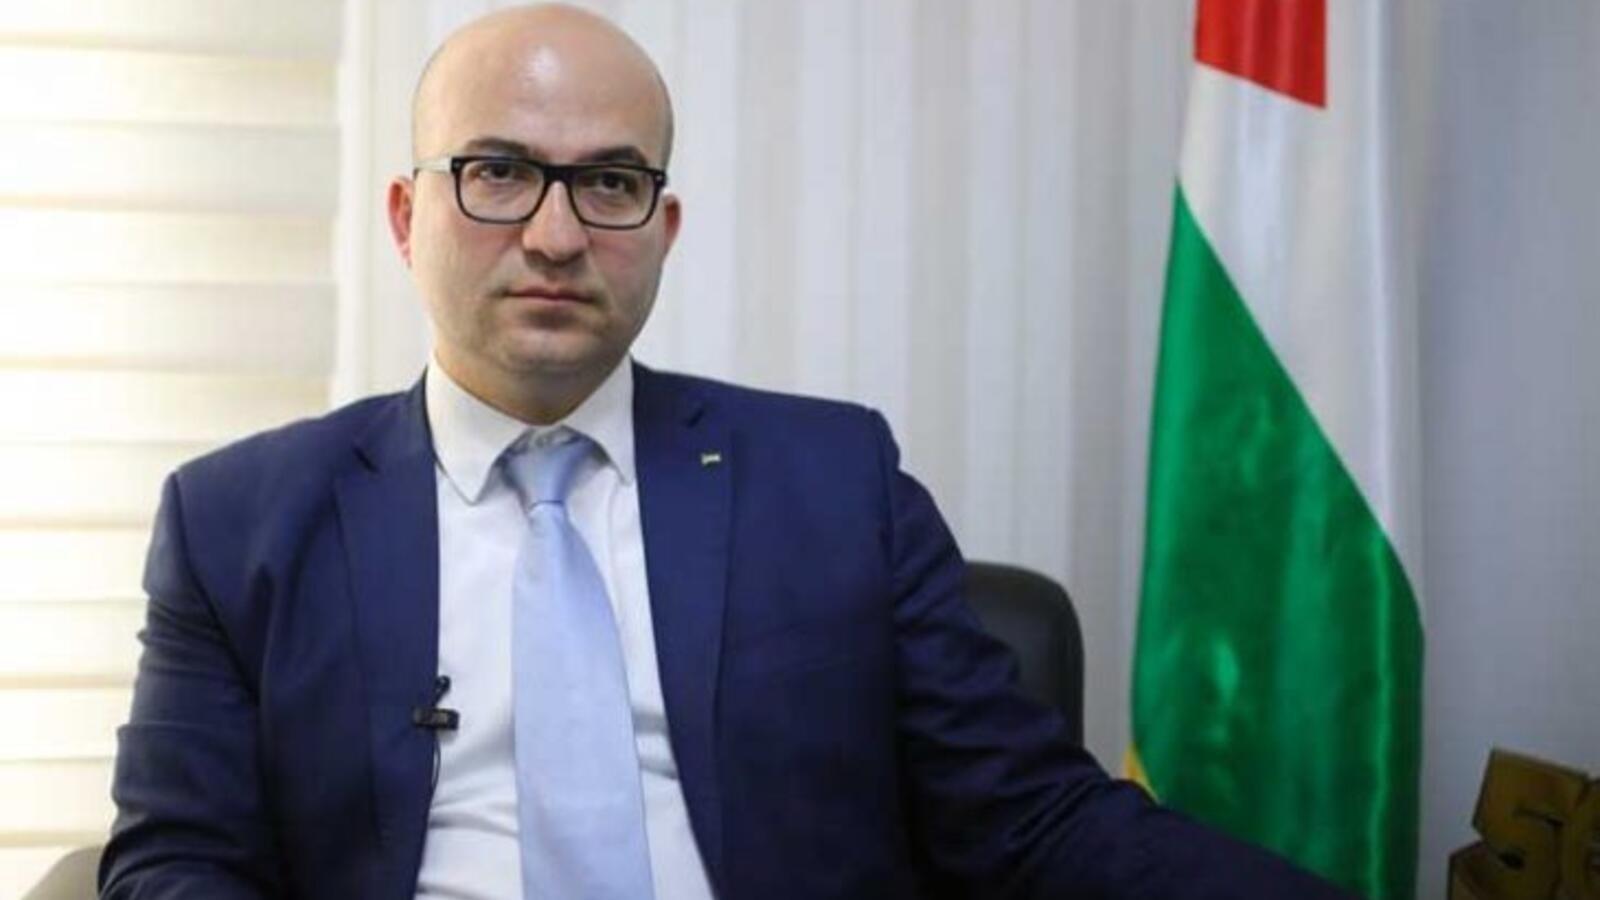 وزير شؤون القدس فادي الهدمي سبق وأن اعتقل 4 مرات من قبل الاحتلال